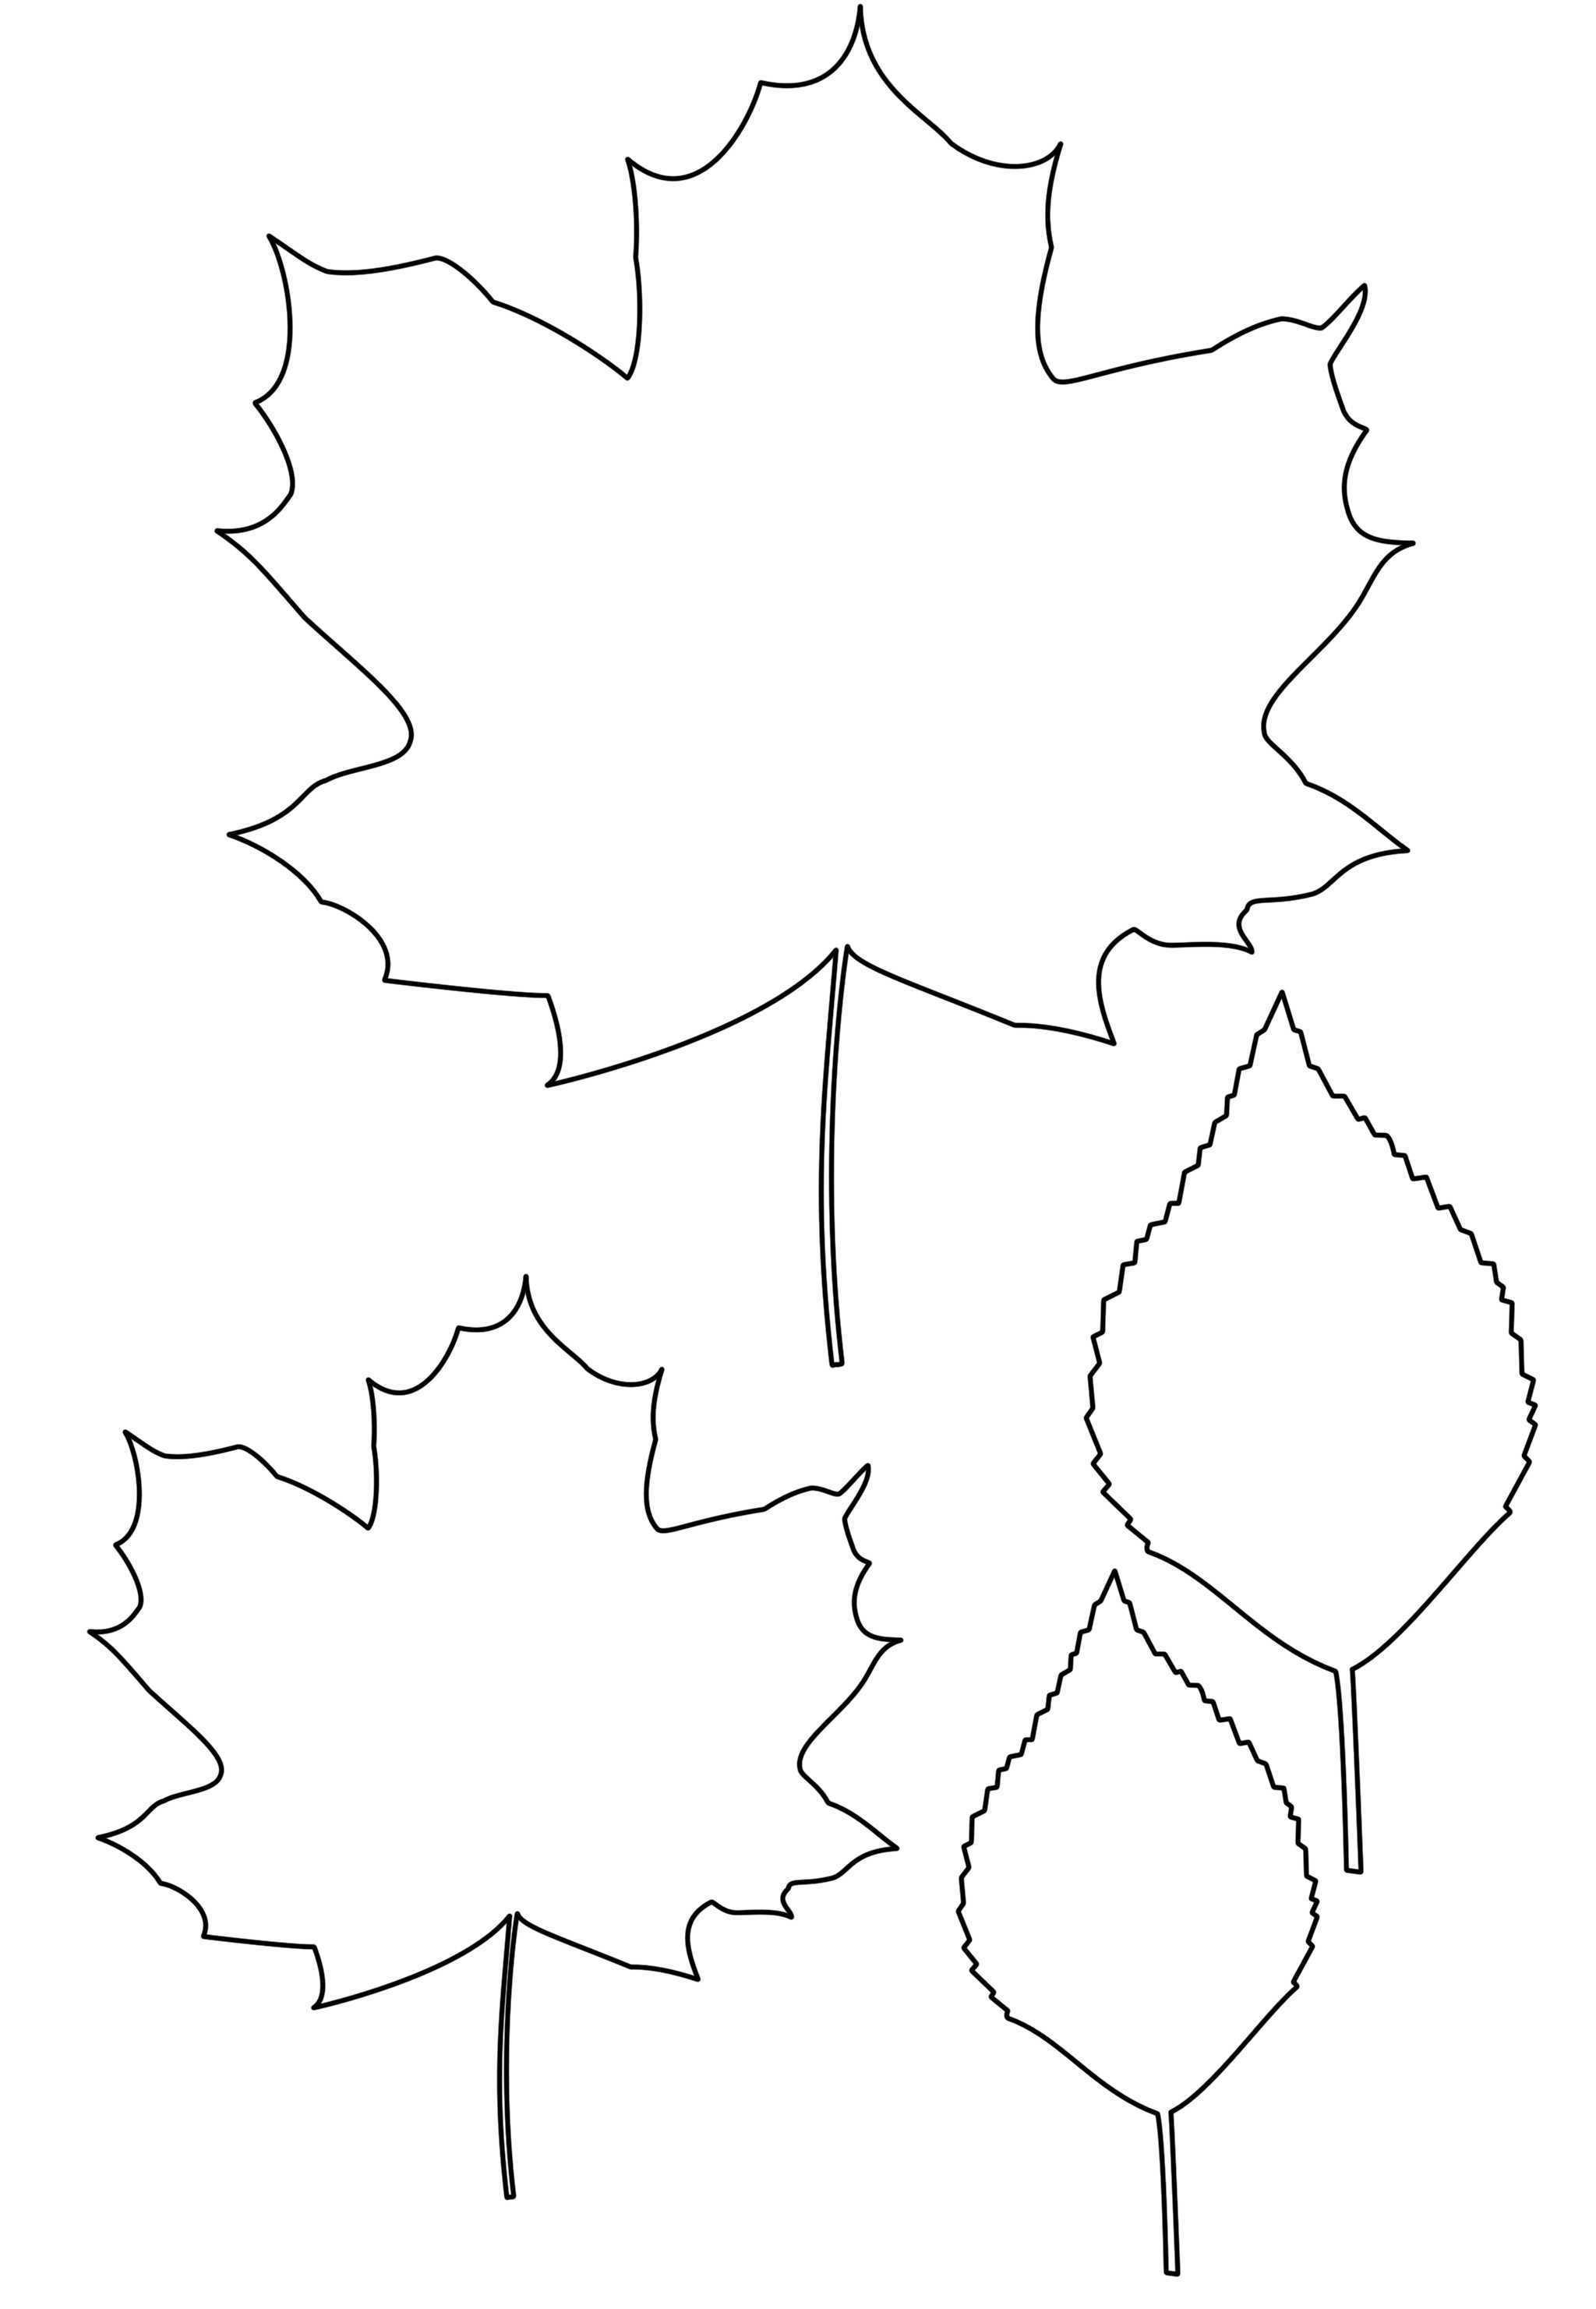 Шаблон для открытки кленовый лист, анимация картинки мерцающие